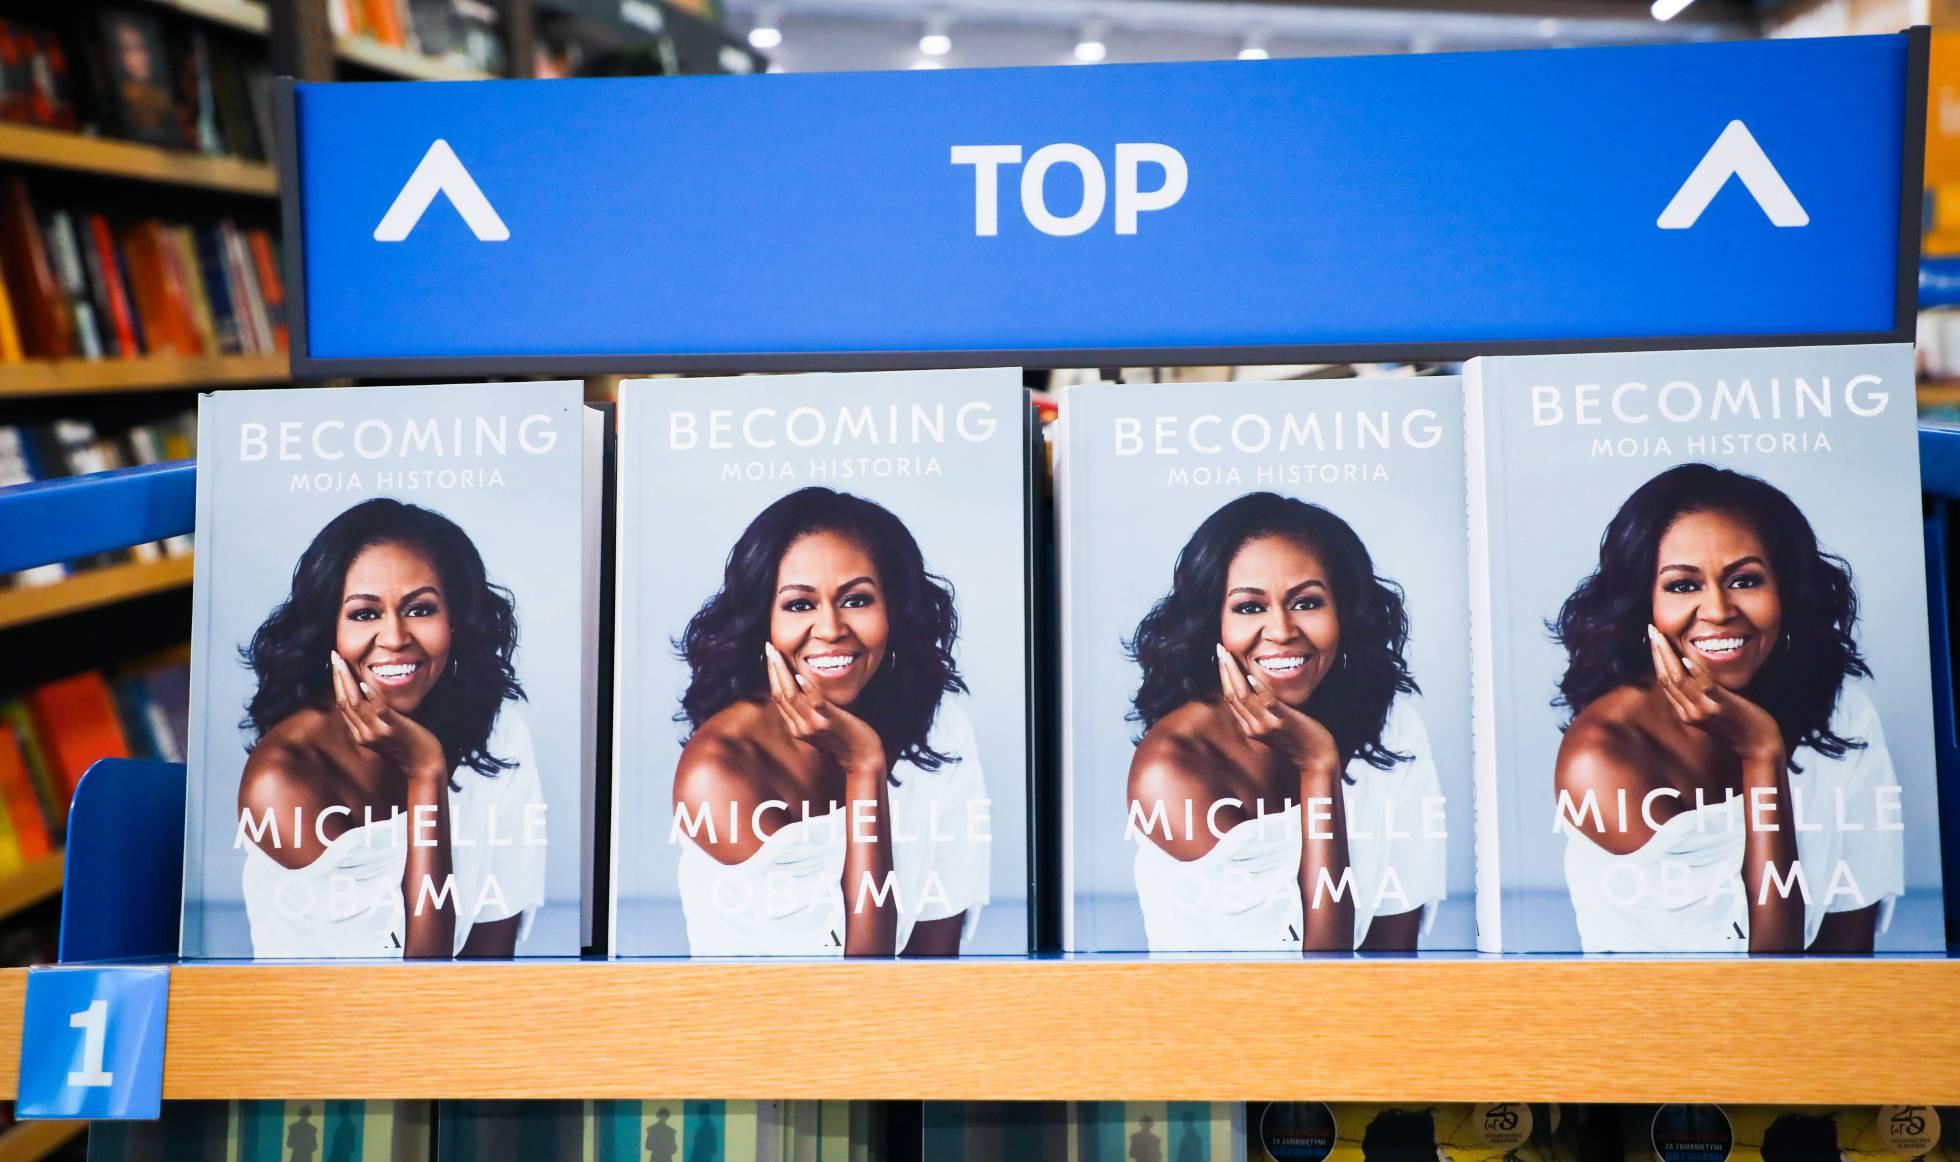 1553765824 228897 1553766455 noticia normal recorte1 - La autobiografía de Michelle Obama, el libro de memorias más leído de la historia